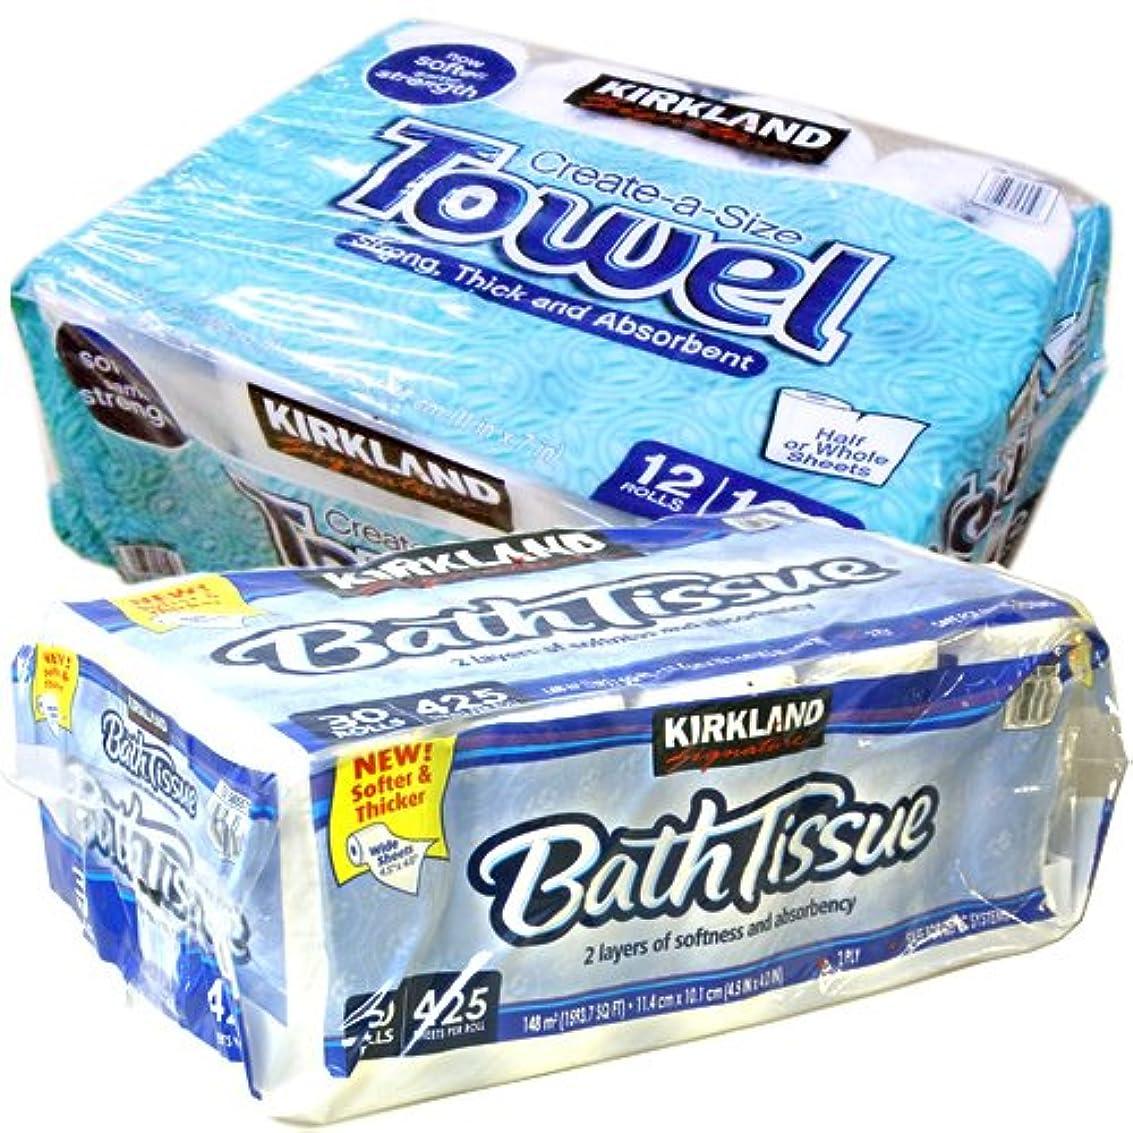 ピカソぜいたく害カークランド トイレットペーパー + キッチンペーパータオル セット (トイレットペーパー + キッチンペーパータオル セット)